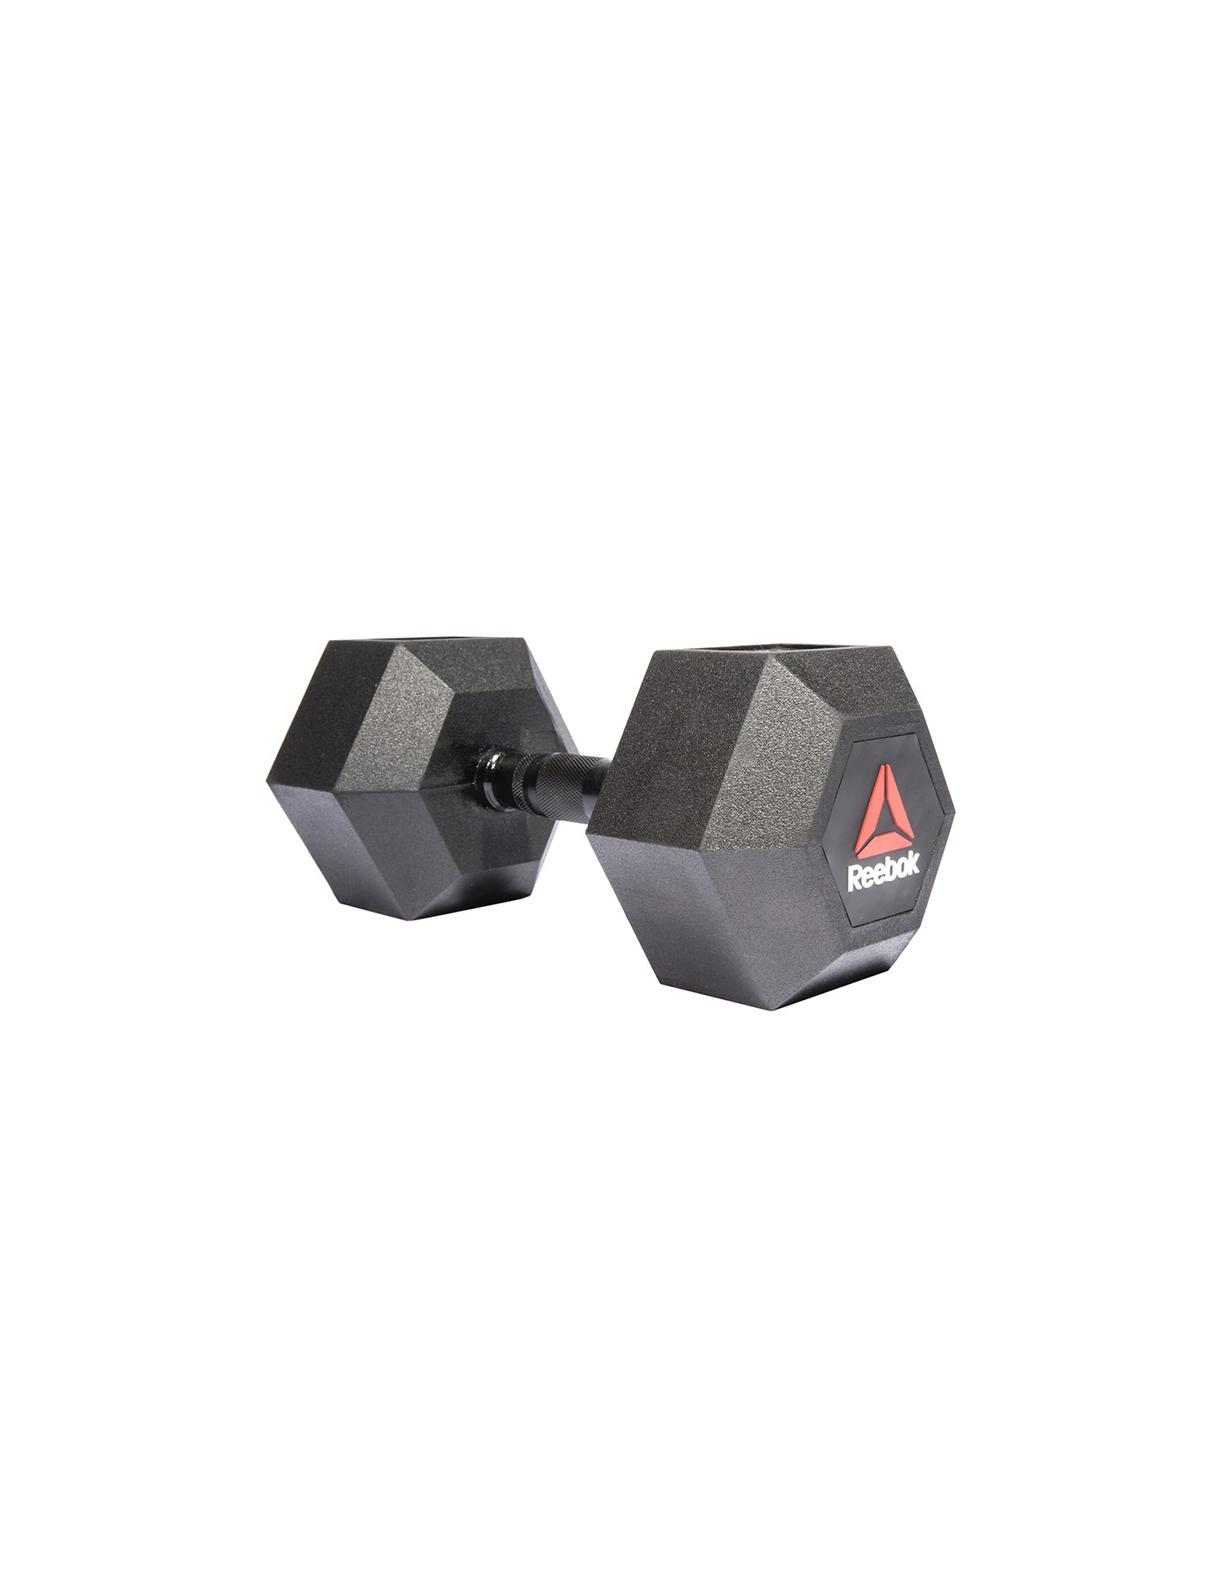 RSWT-11200 Hex Dumbbell - 20kg